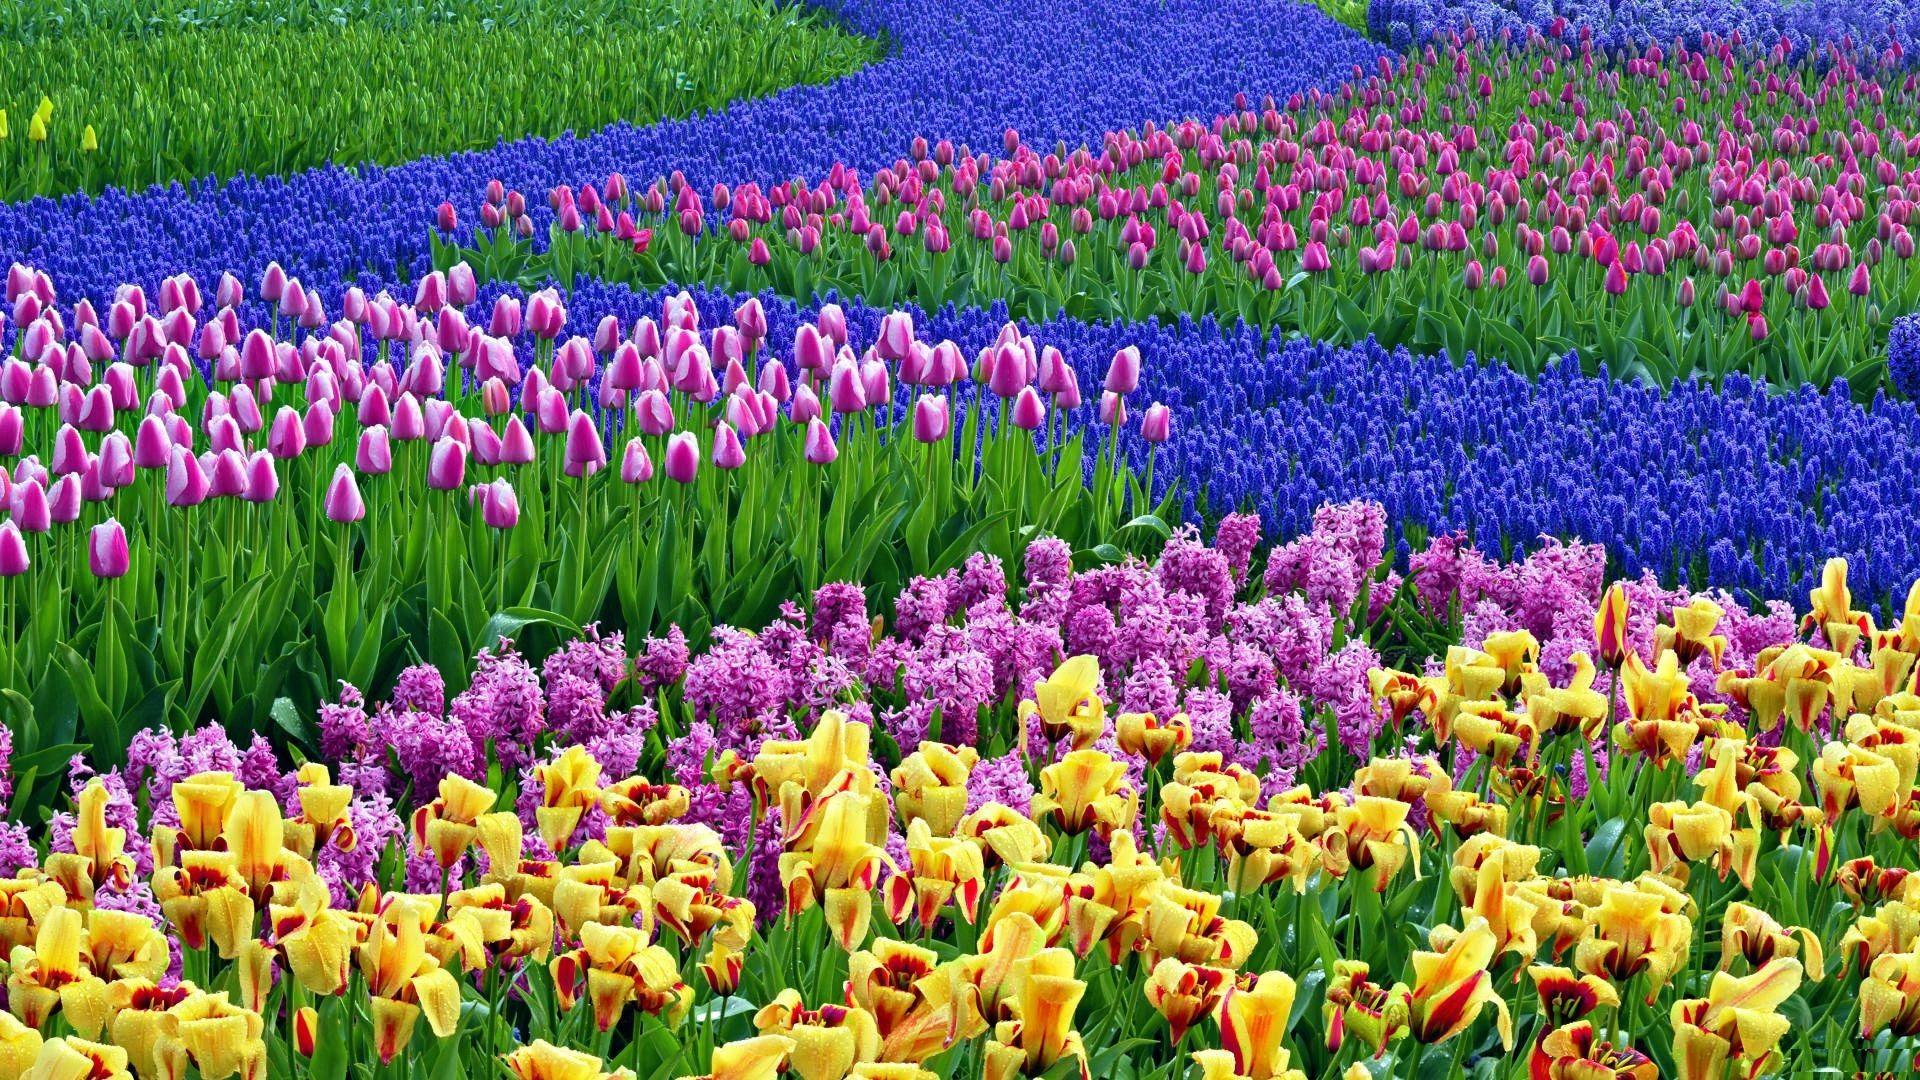 Field of Flowers wallpapers  wallpapers  Pinterest  Fields